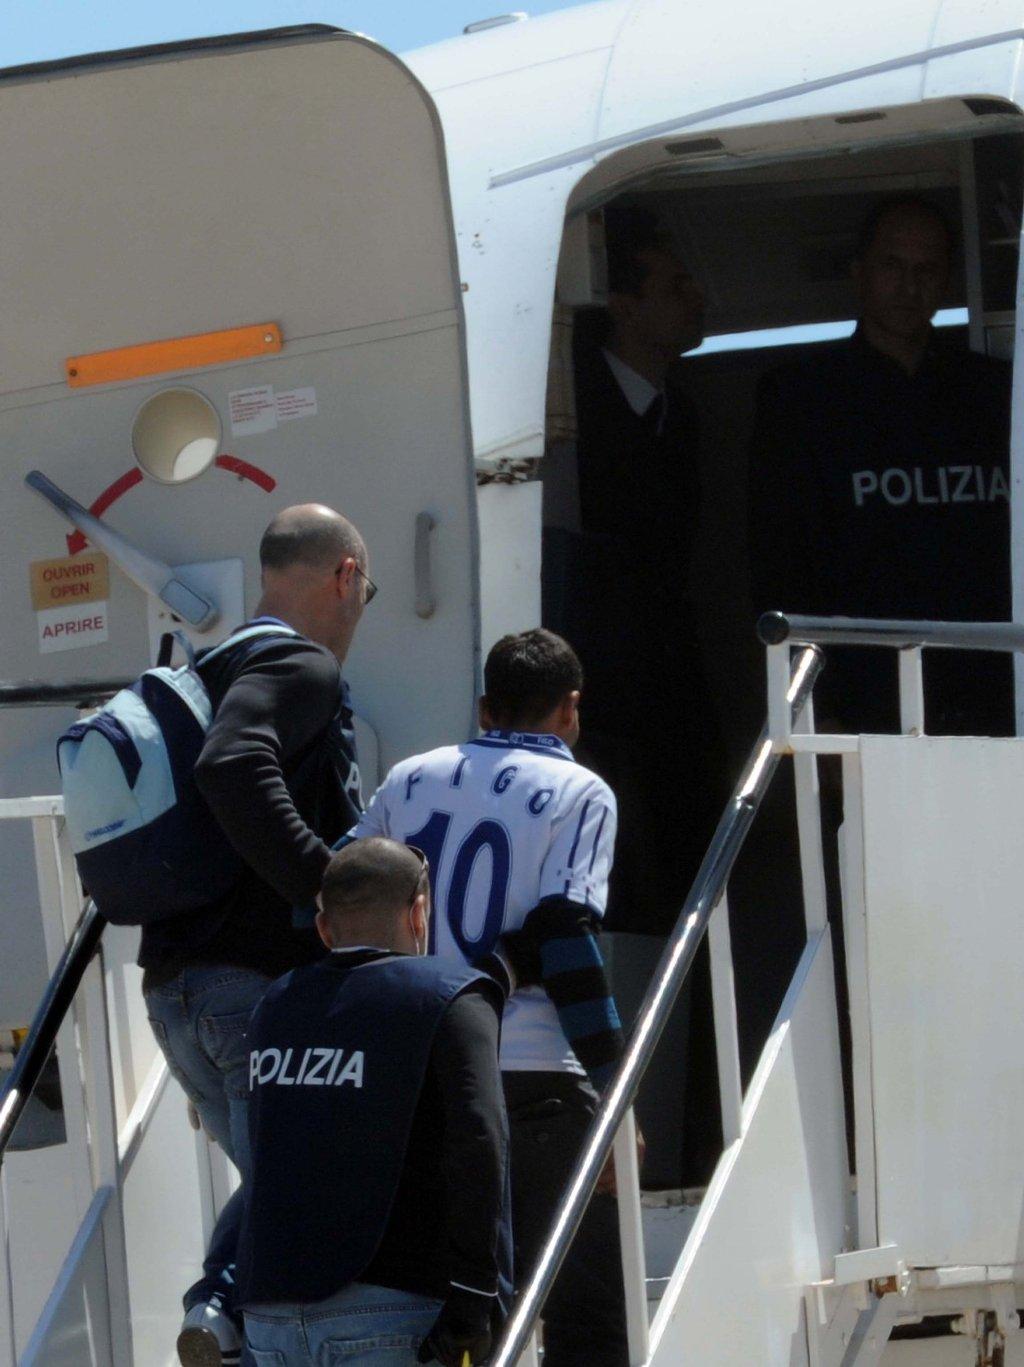 ANSA / إعادة مهاجرين على متن طائرة في لامبيدوزا بإيطاليا. المصدر: أنسا.